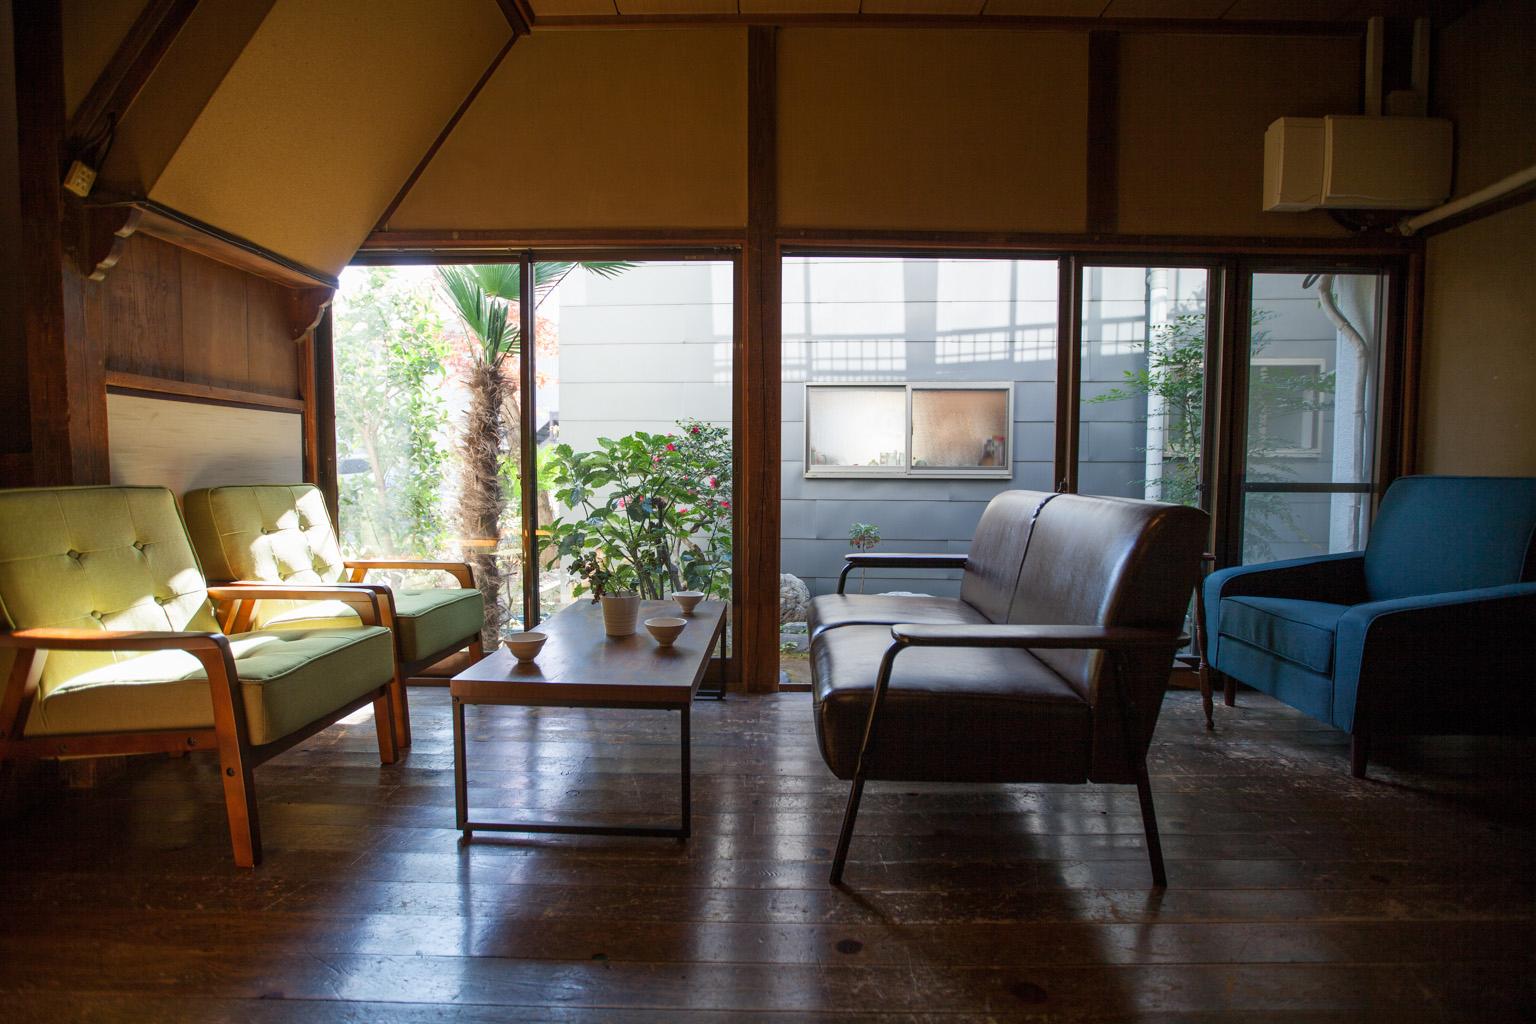 東京・町屋「アイビーカフェ町屋」 一軒まるごと利用/140㎡の室内の写真